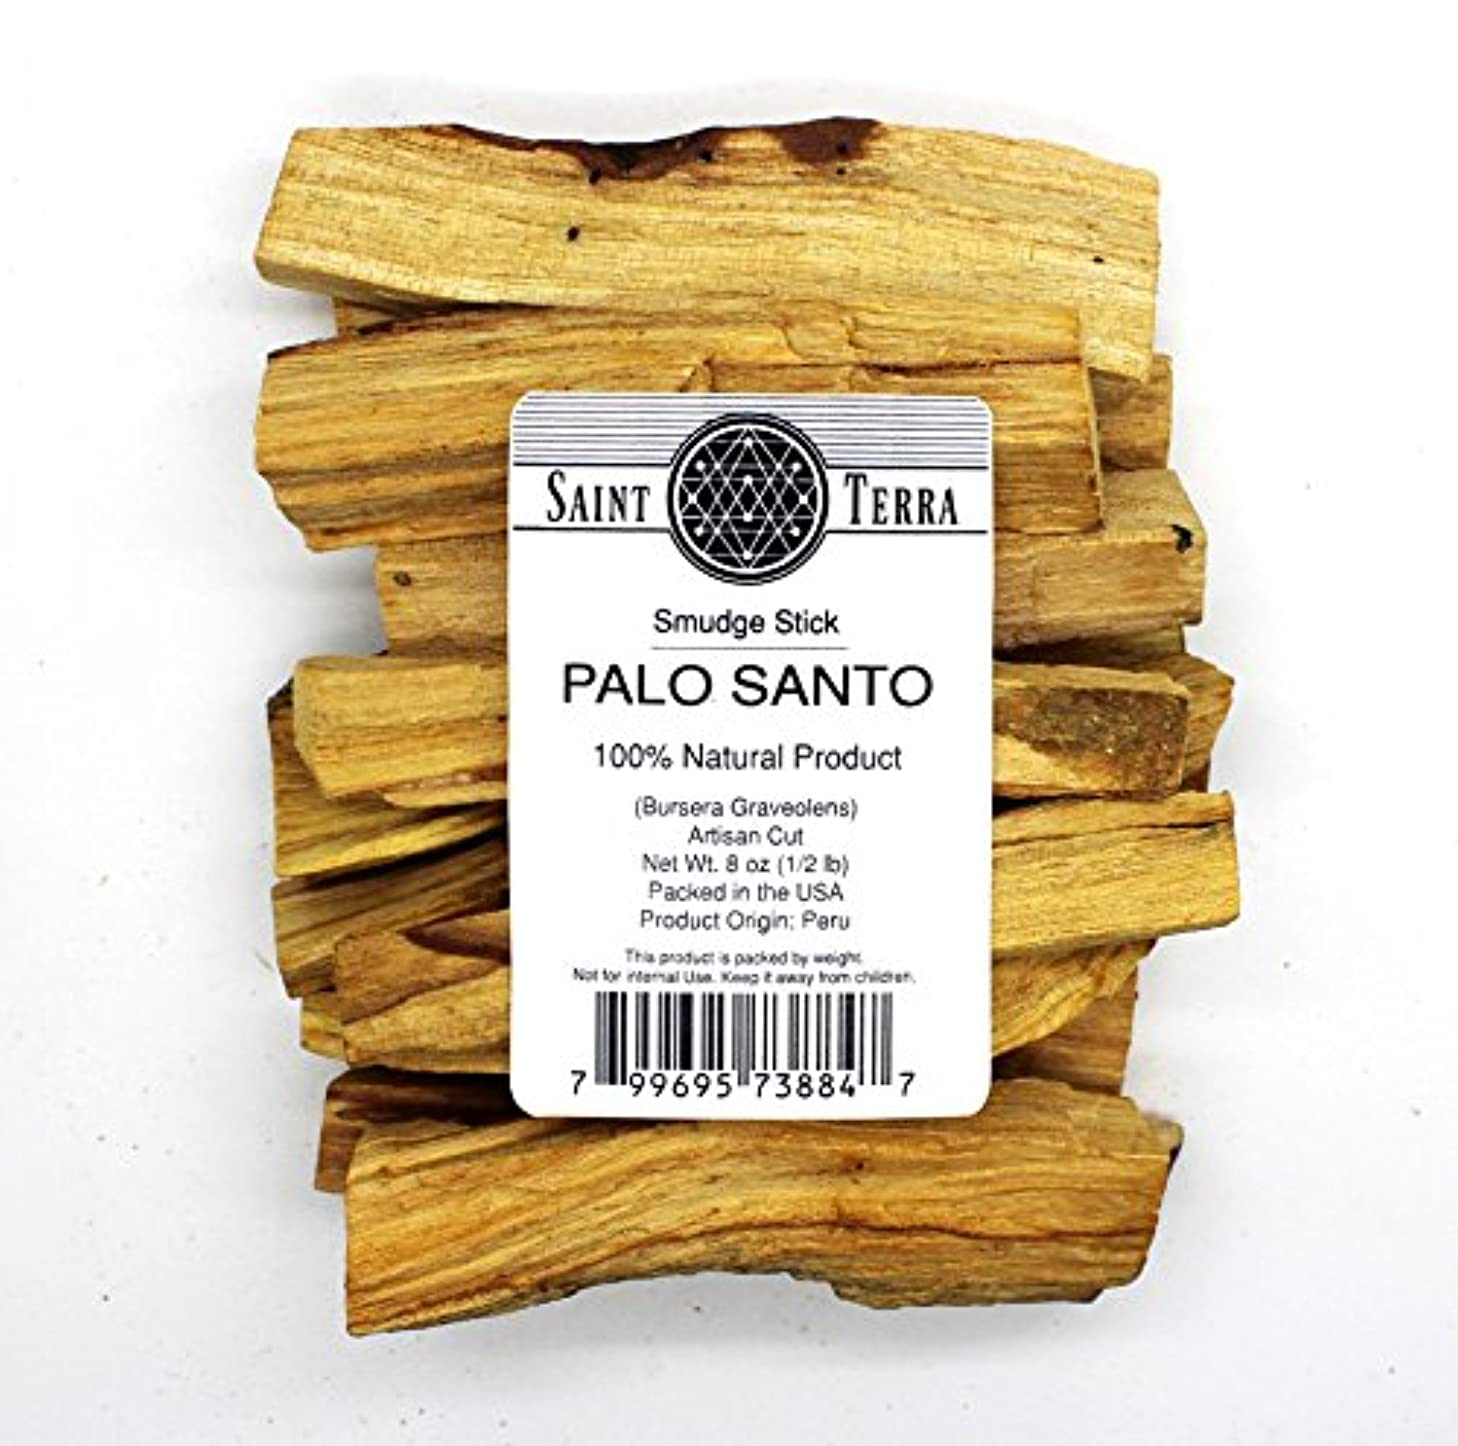 とらえどころのないはげパイントSaint Terra – プレミアムPalo SantoHoly Wood8オンスパックアーティザンカットSmudge Stick – 100 % Natural